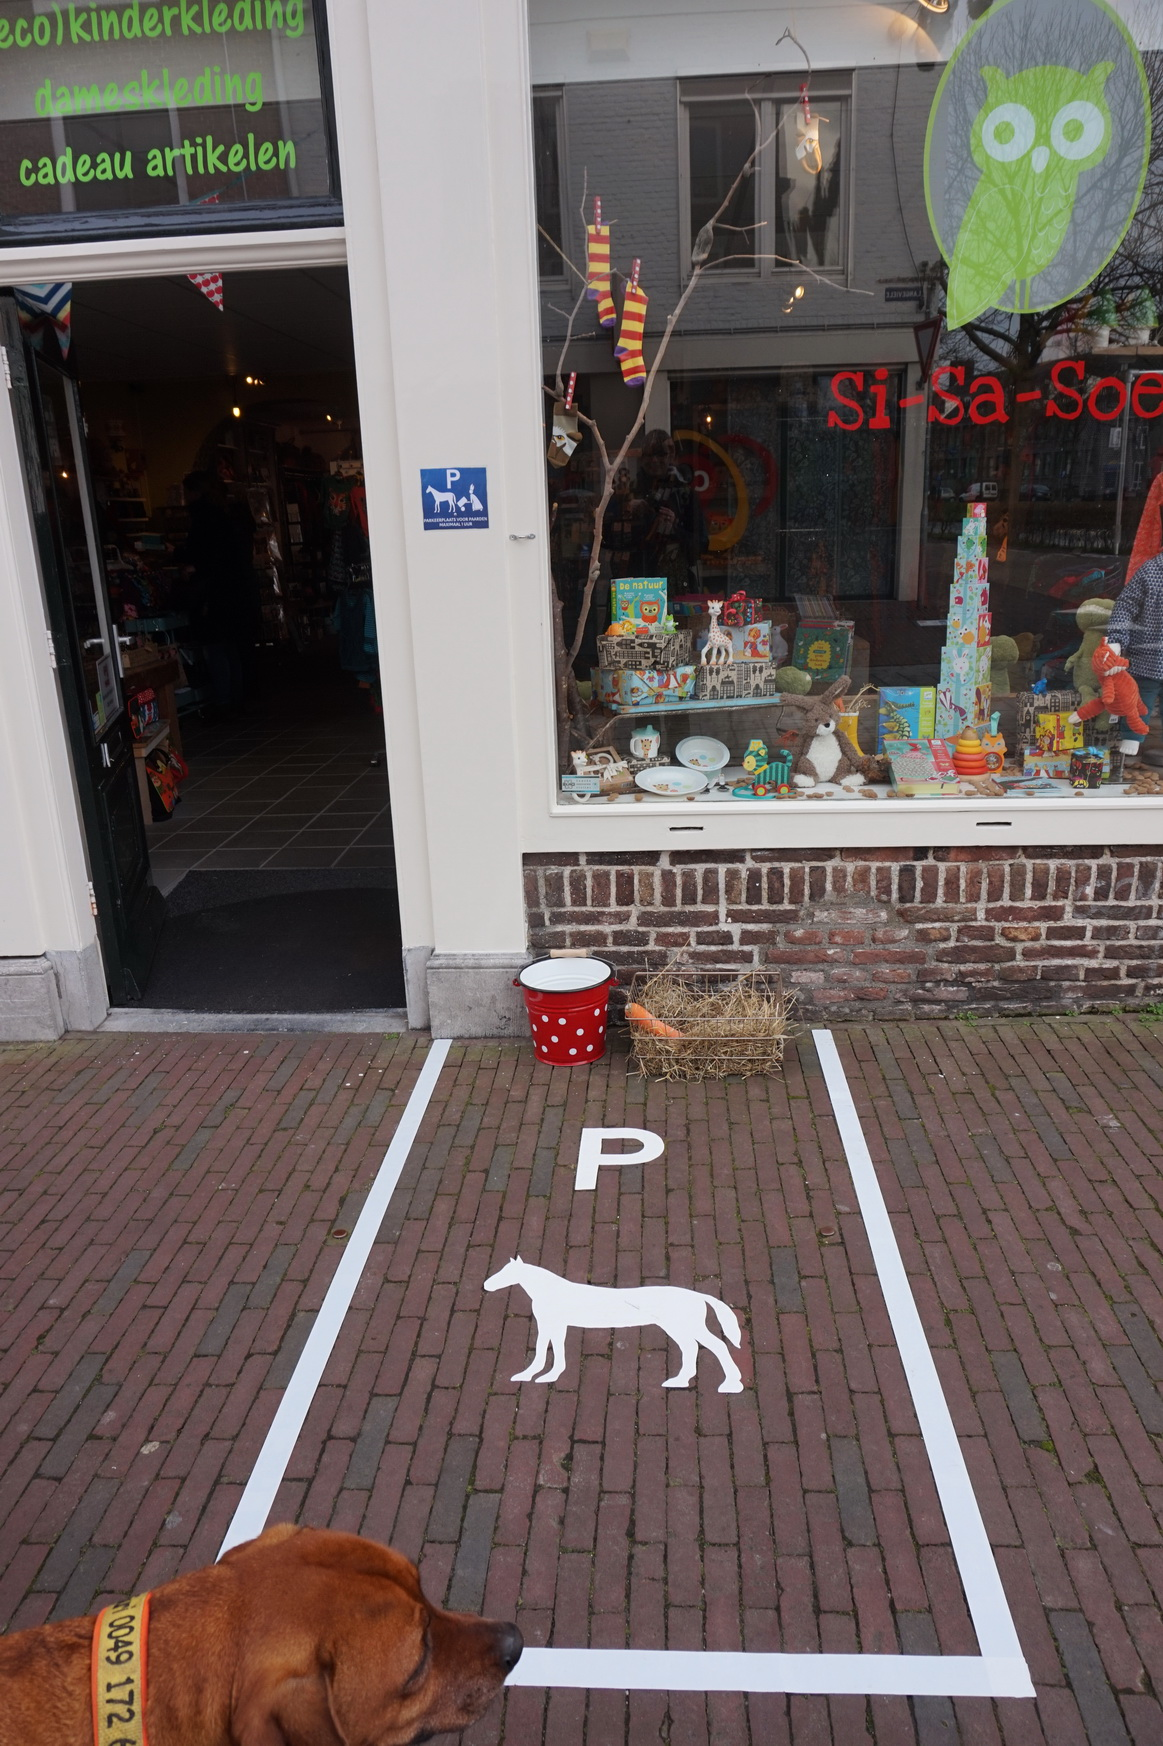 Huch. Was ist das? Ein Parkplatz für Pferde?